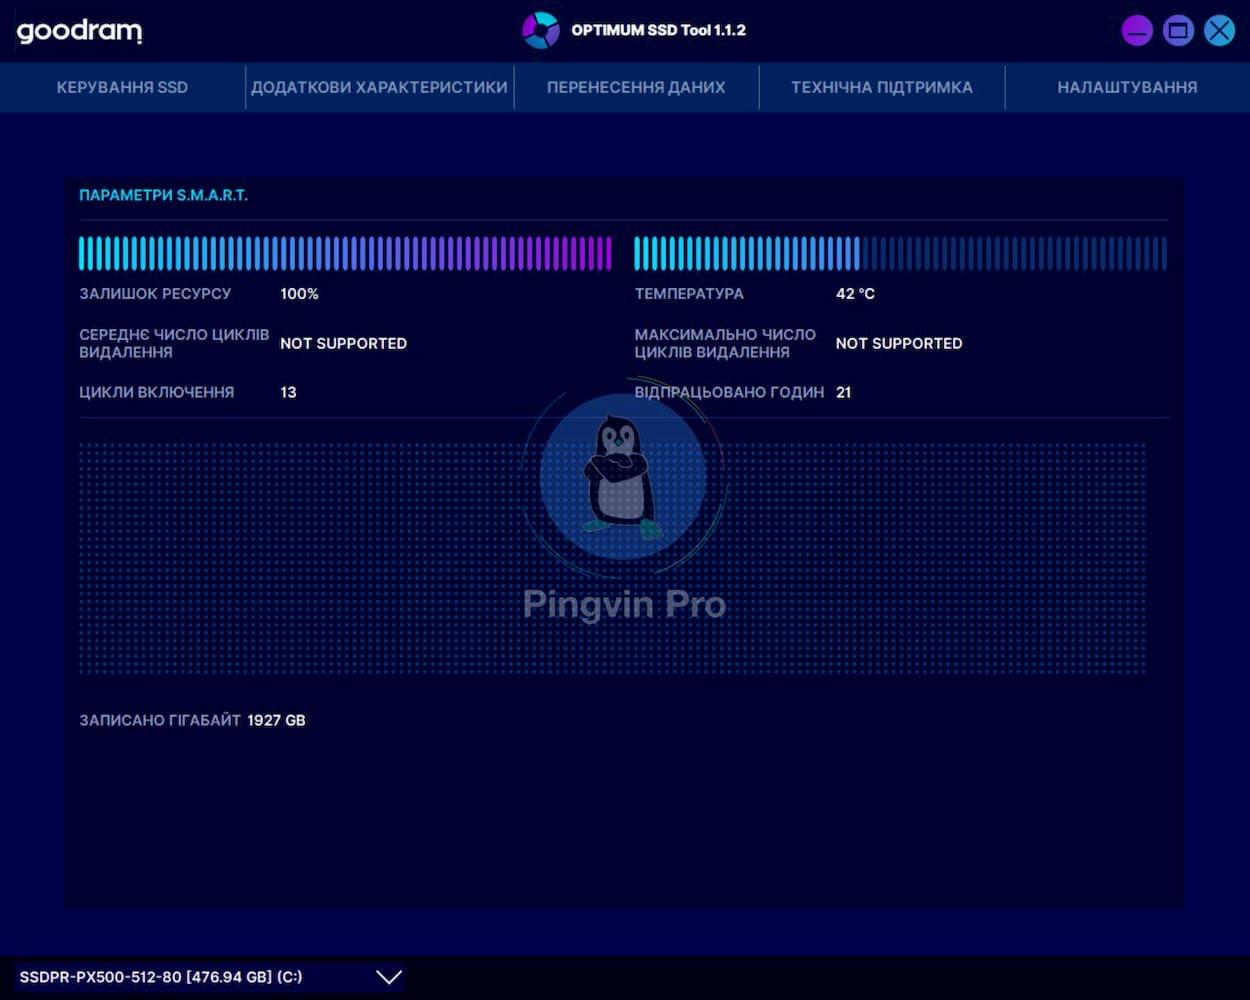 GOODRAM PX500 - Optimum SSD Tool